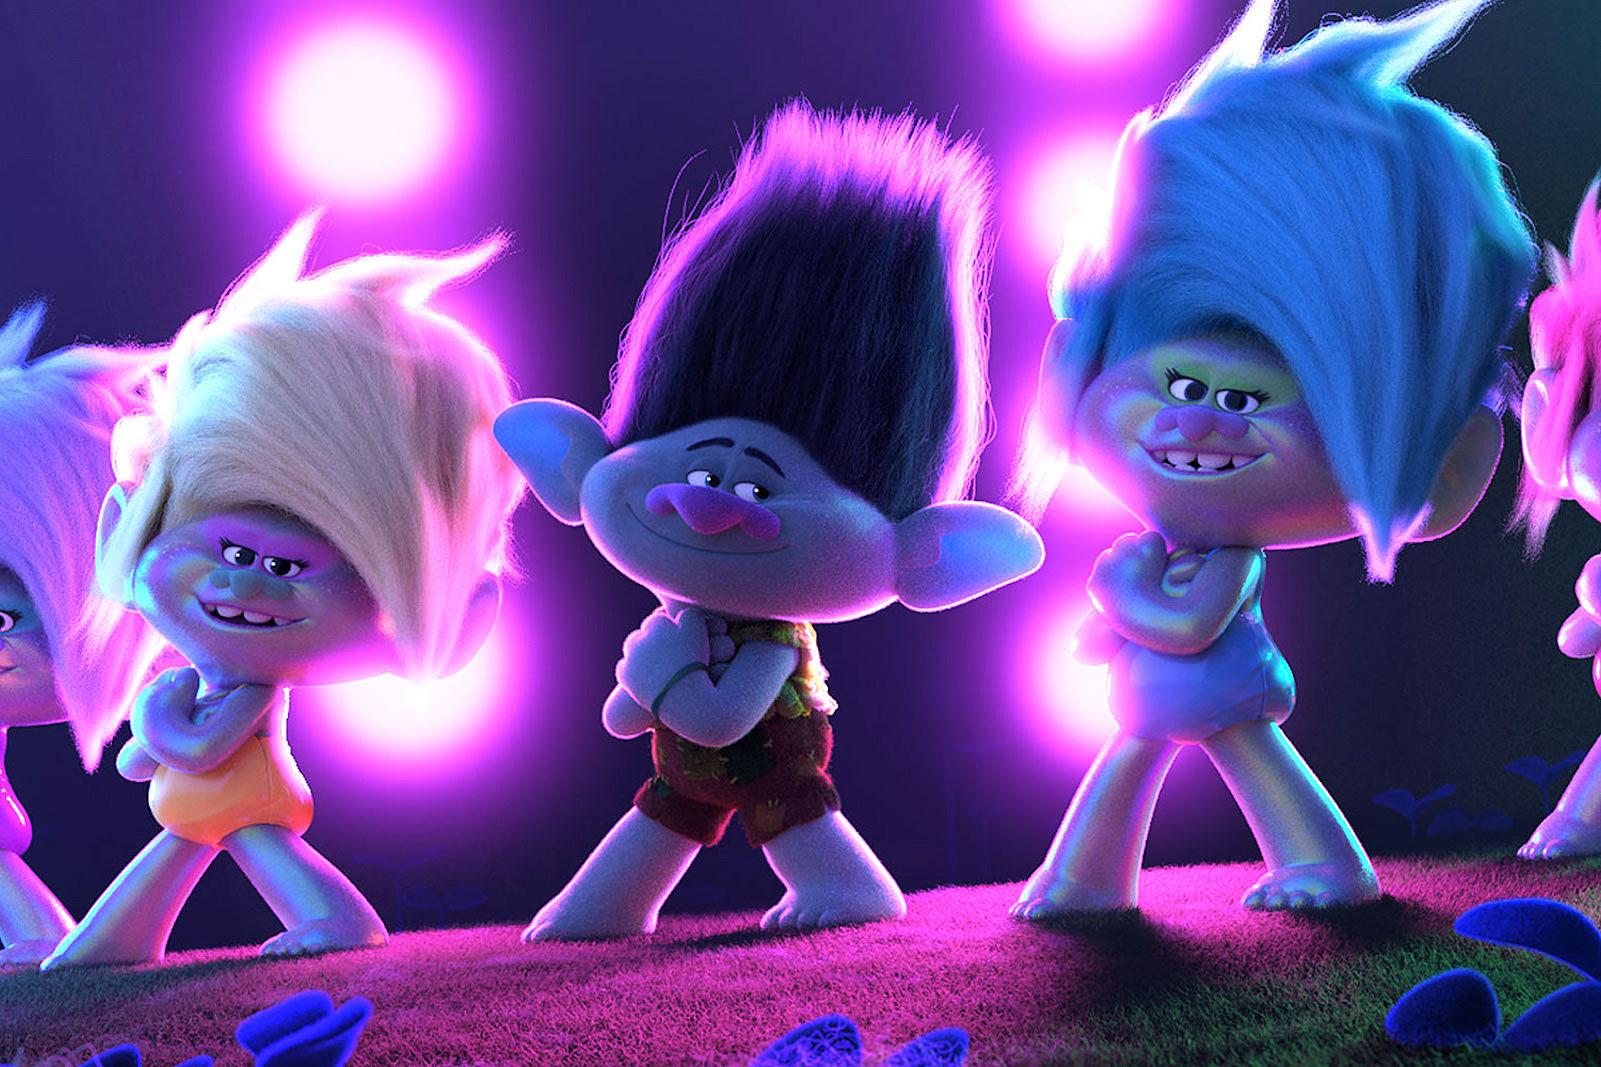 Trolls World Tour Review An Infinity War For Kiddie Pop